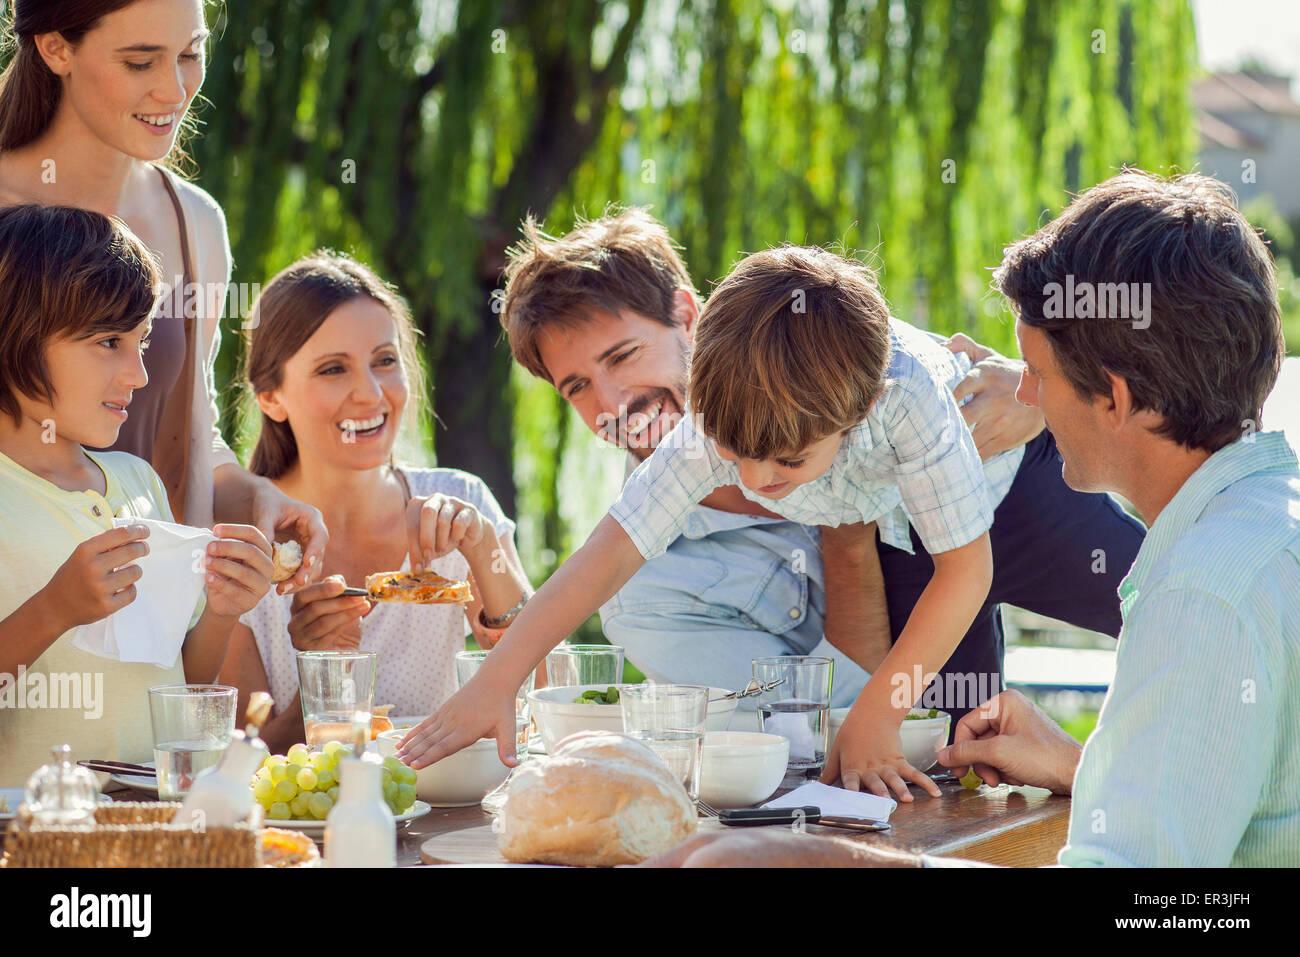 Familia disfrutando del desayuno junto al aire libre Imagen De Stock